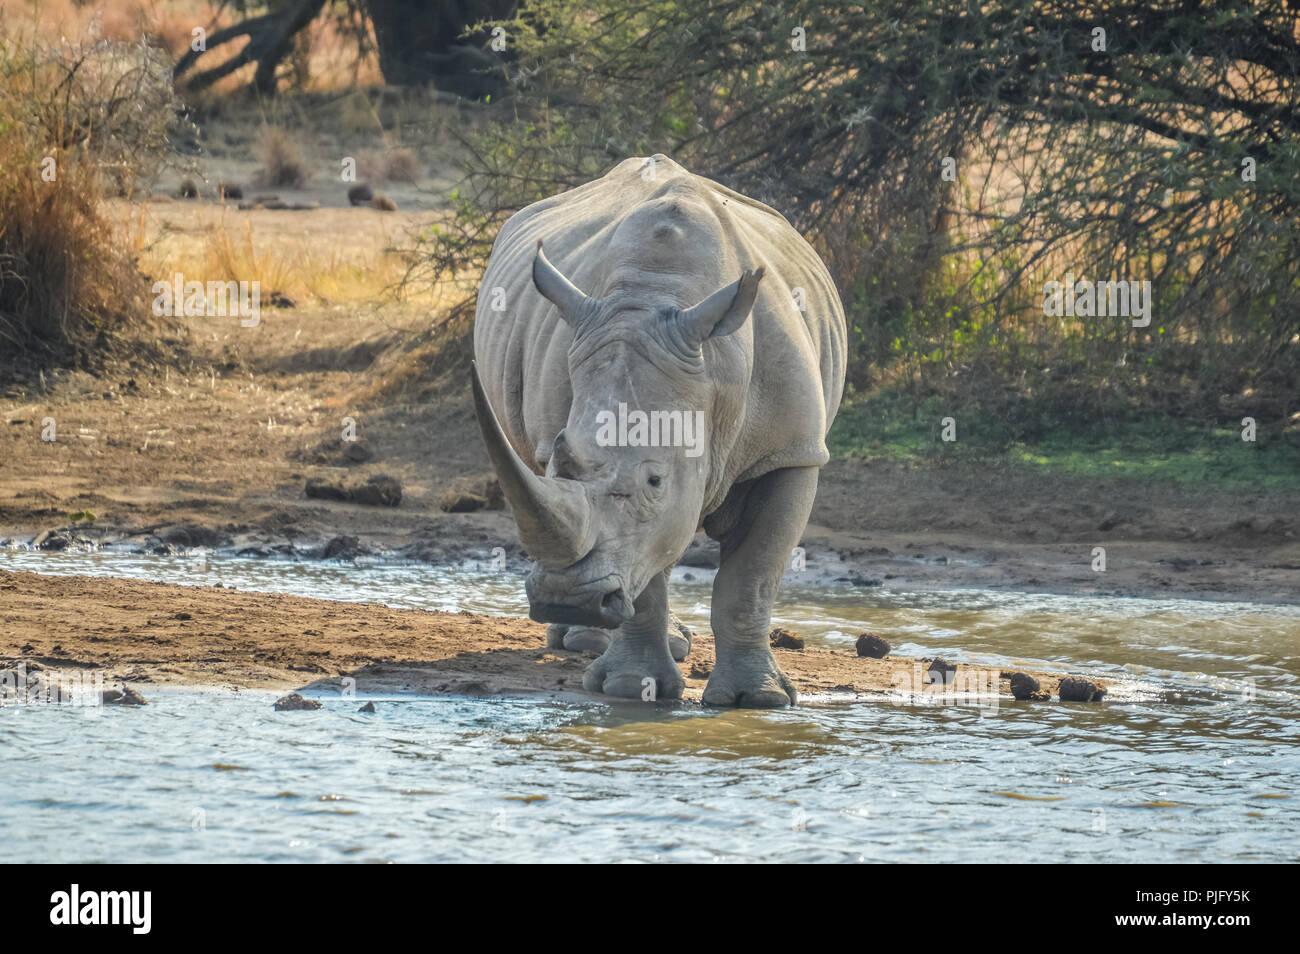 Un mignon homme rhinocéros blanc rhinocéros bull ou de l'eau potable à partir d'un barrage dans le parc Kruger safari Banque D'Images